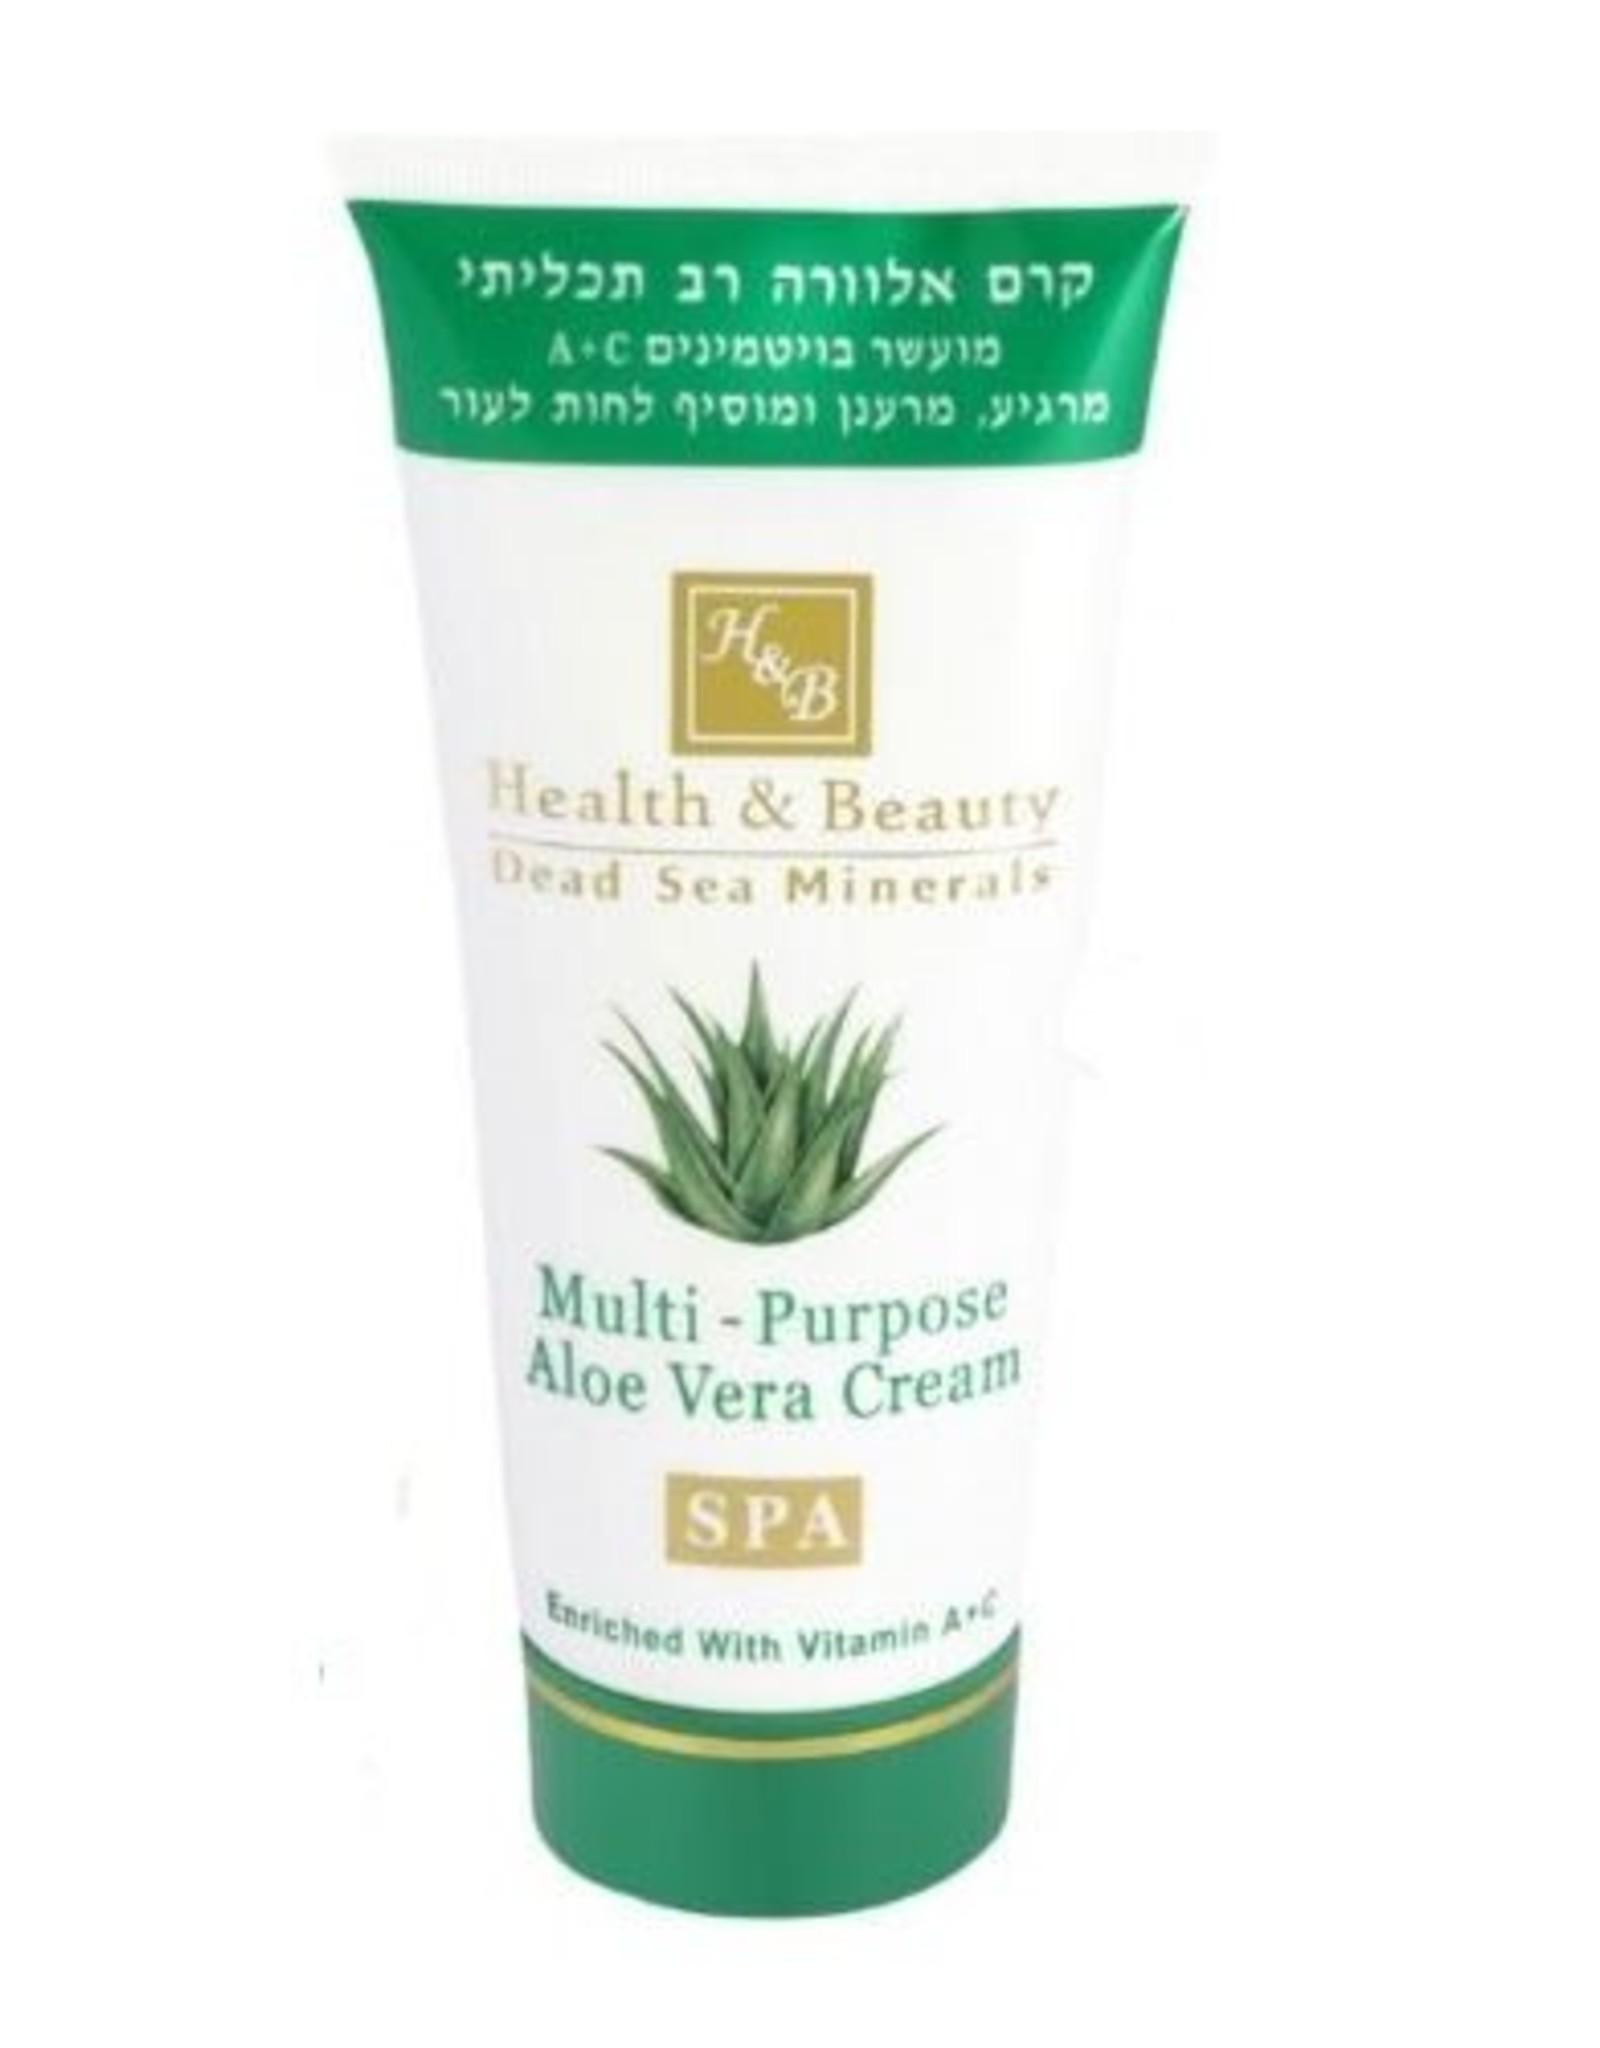 H&B Dead Sea Minerals Aloë Vera bodycrème